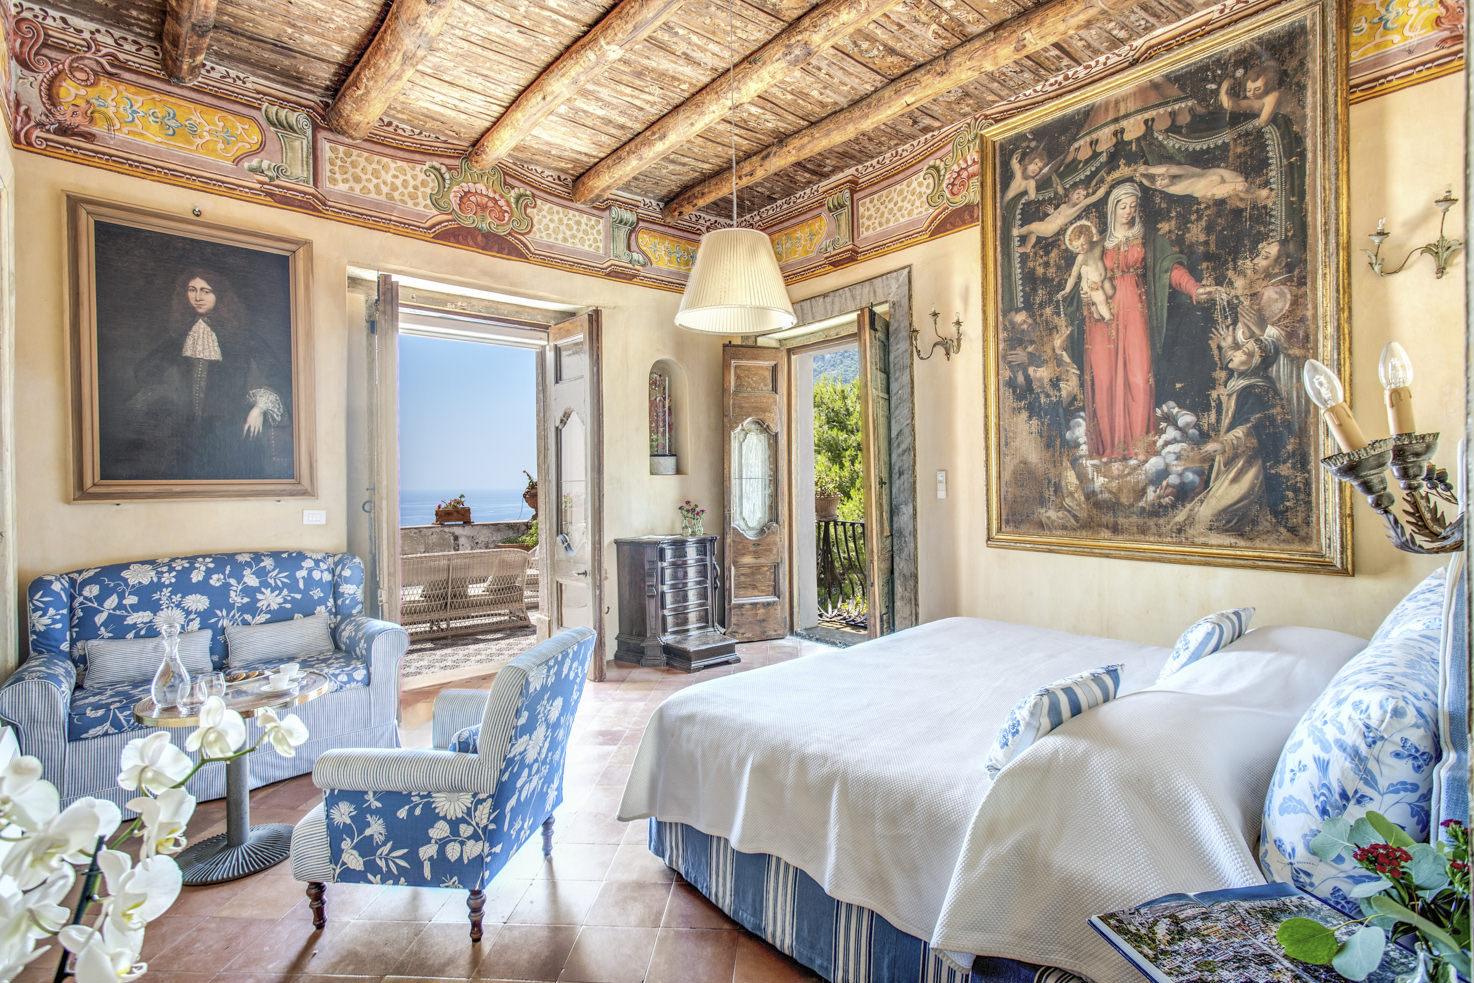 Deluxe room in Positano private villa